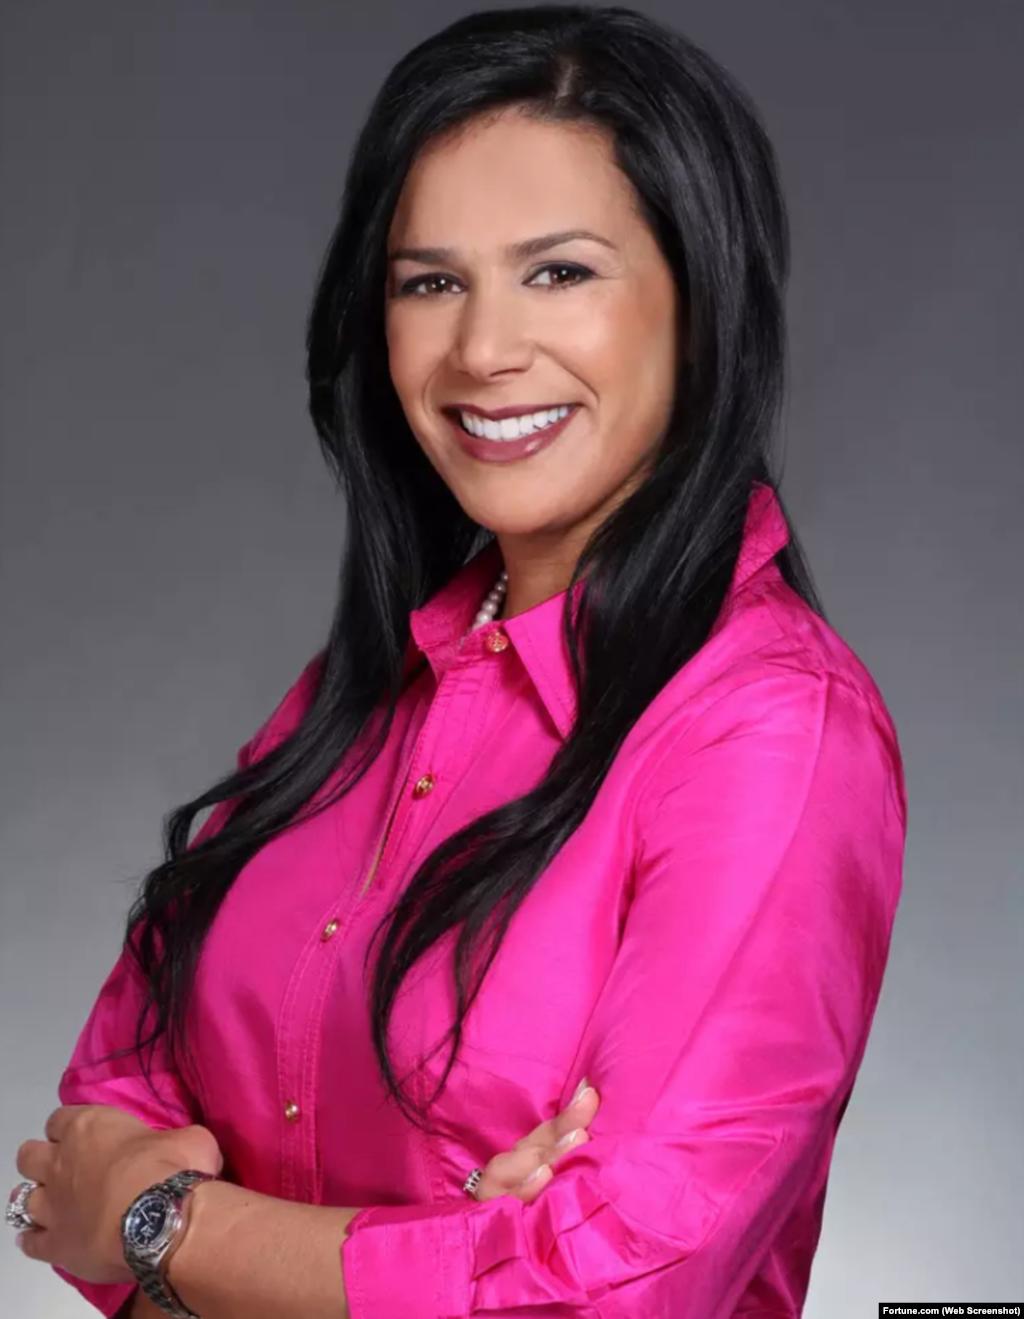 Yvonne Garcia lidera un equipo global que desarrolla soluciones para compañías Fortune 100.Antes de unirse a State Street, fue directora de Marketing and Distribution Strategy en Liberty Mutual, donde desarrolló e integró su iniciativa de marketing hispano. También se desempeñó como VP de Mass Affluent Marketing para Bank of America, y su Programa de Asistencia Estratégica de China Construction Bank.